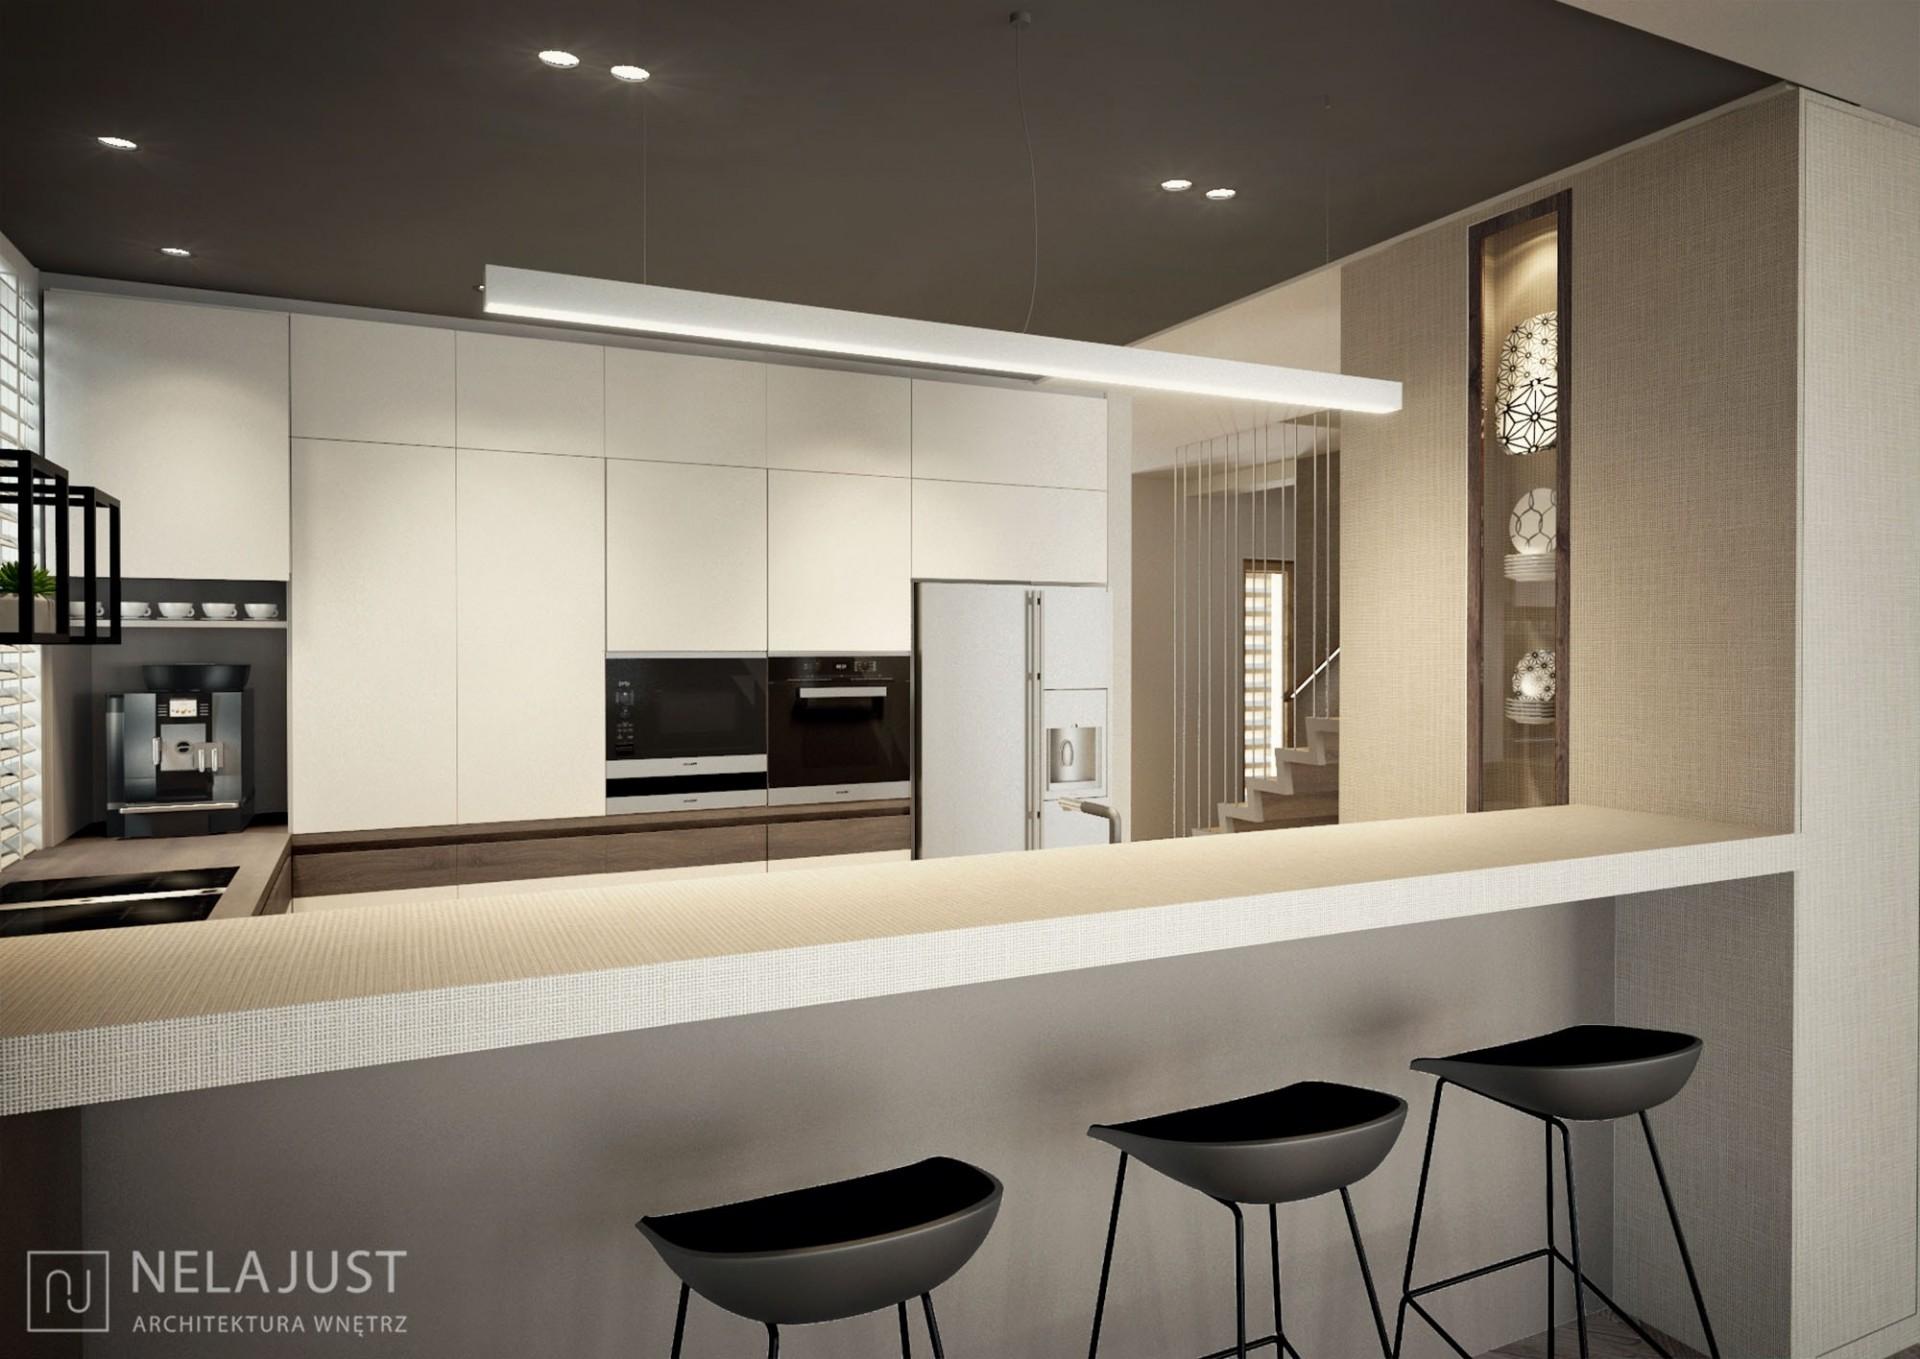 gniazdka robocze w kuchni - jaka wysokość?